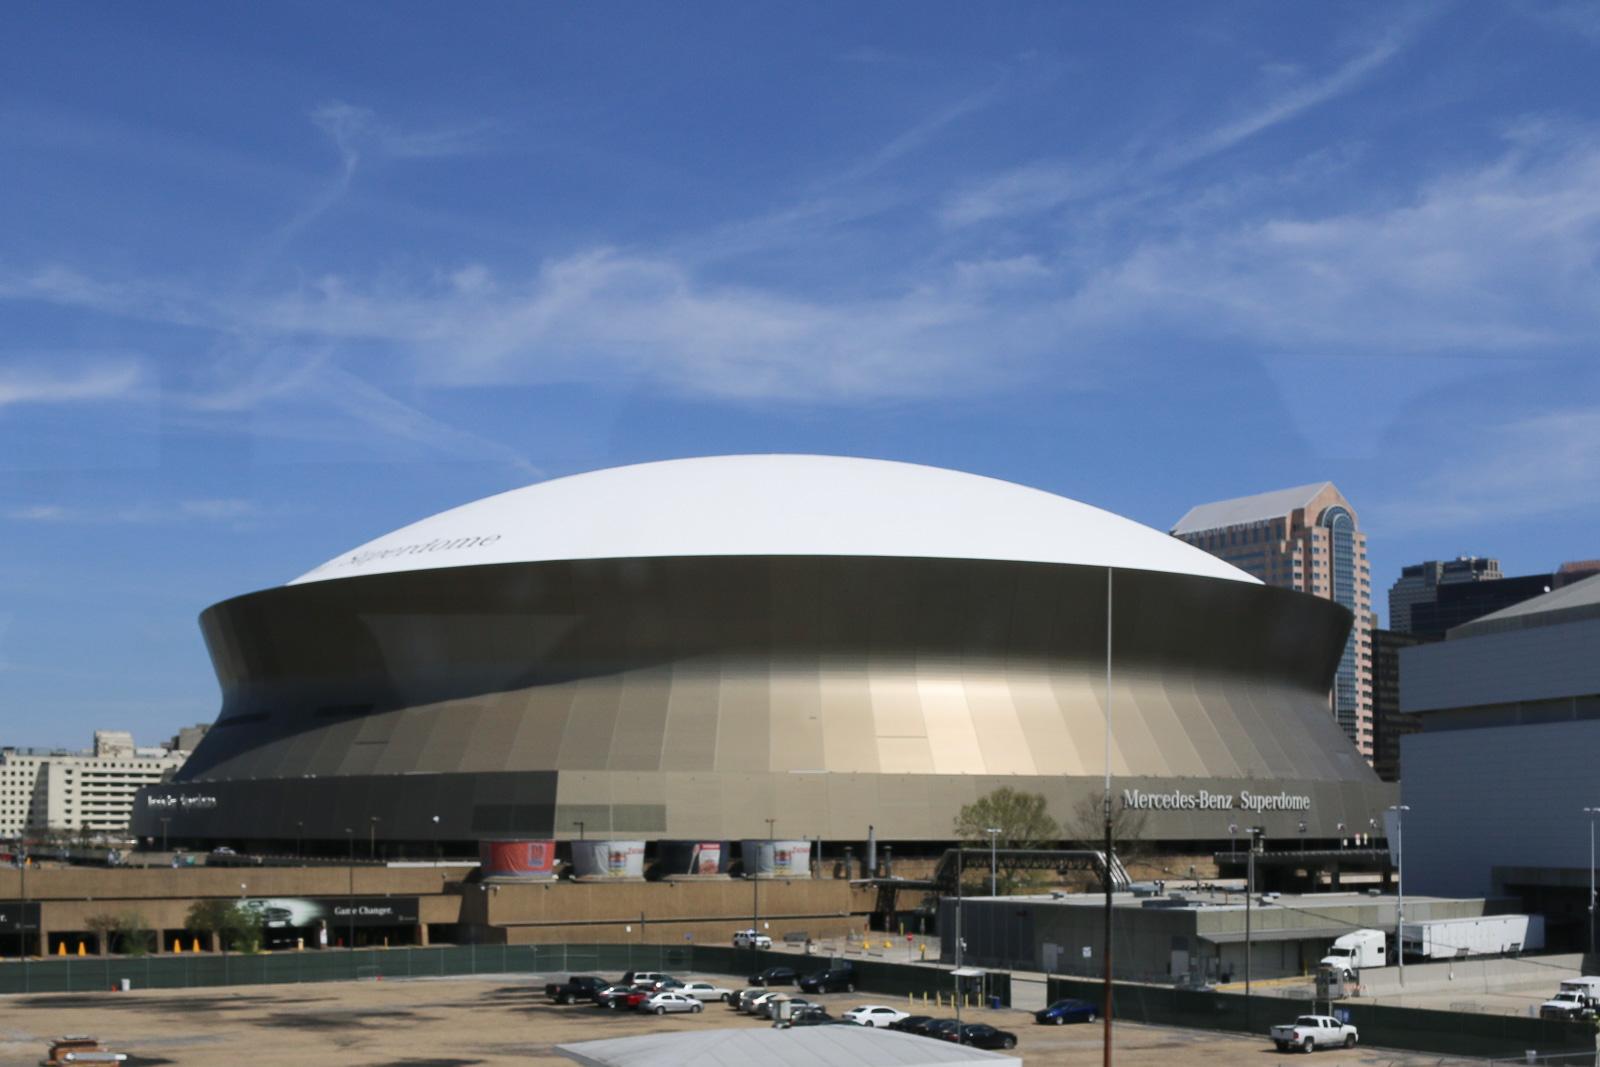 Im Superdome von New Orleans waren nach dem Hurrikan Katrina zeitweise mehrere tausend Menschen eingeschlossen. Heute wird hier wieder Sport gespielt.